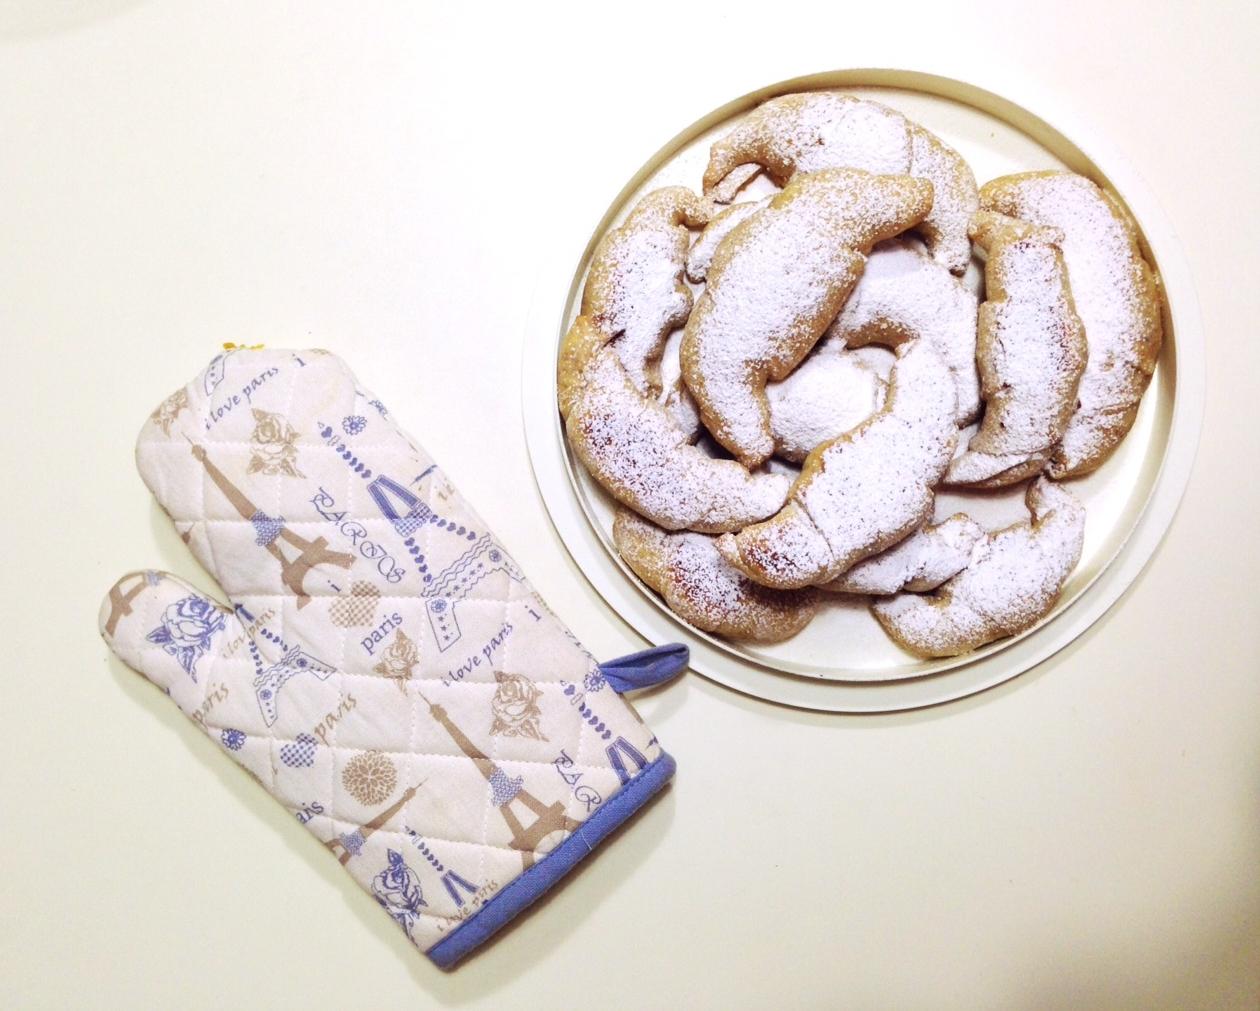 Dolci senza grassi croissant light senza zuccheri - Cucinare senza grassi ...